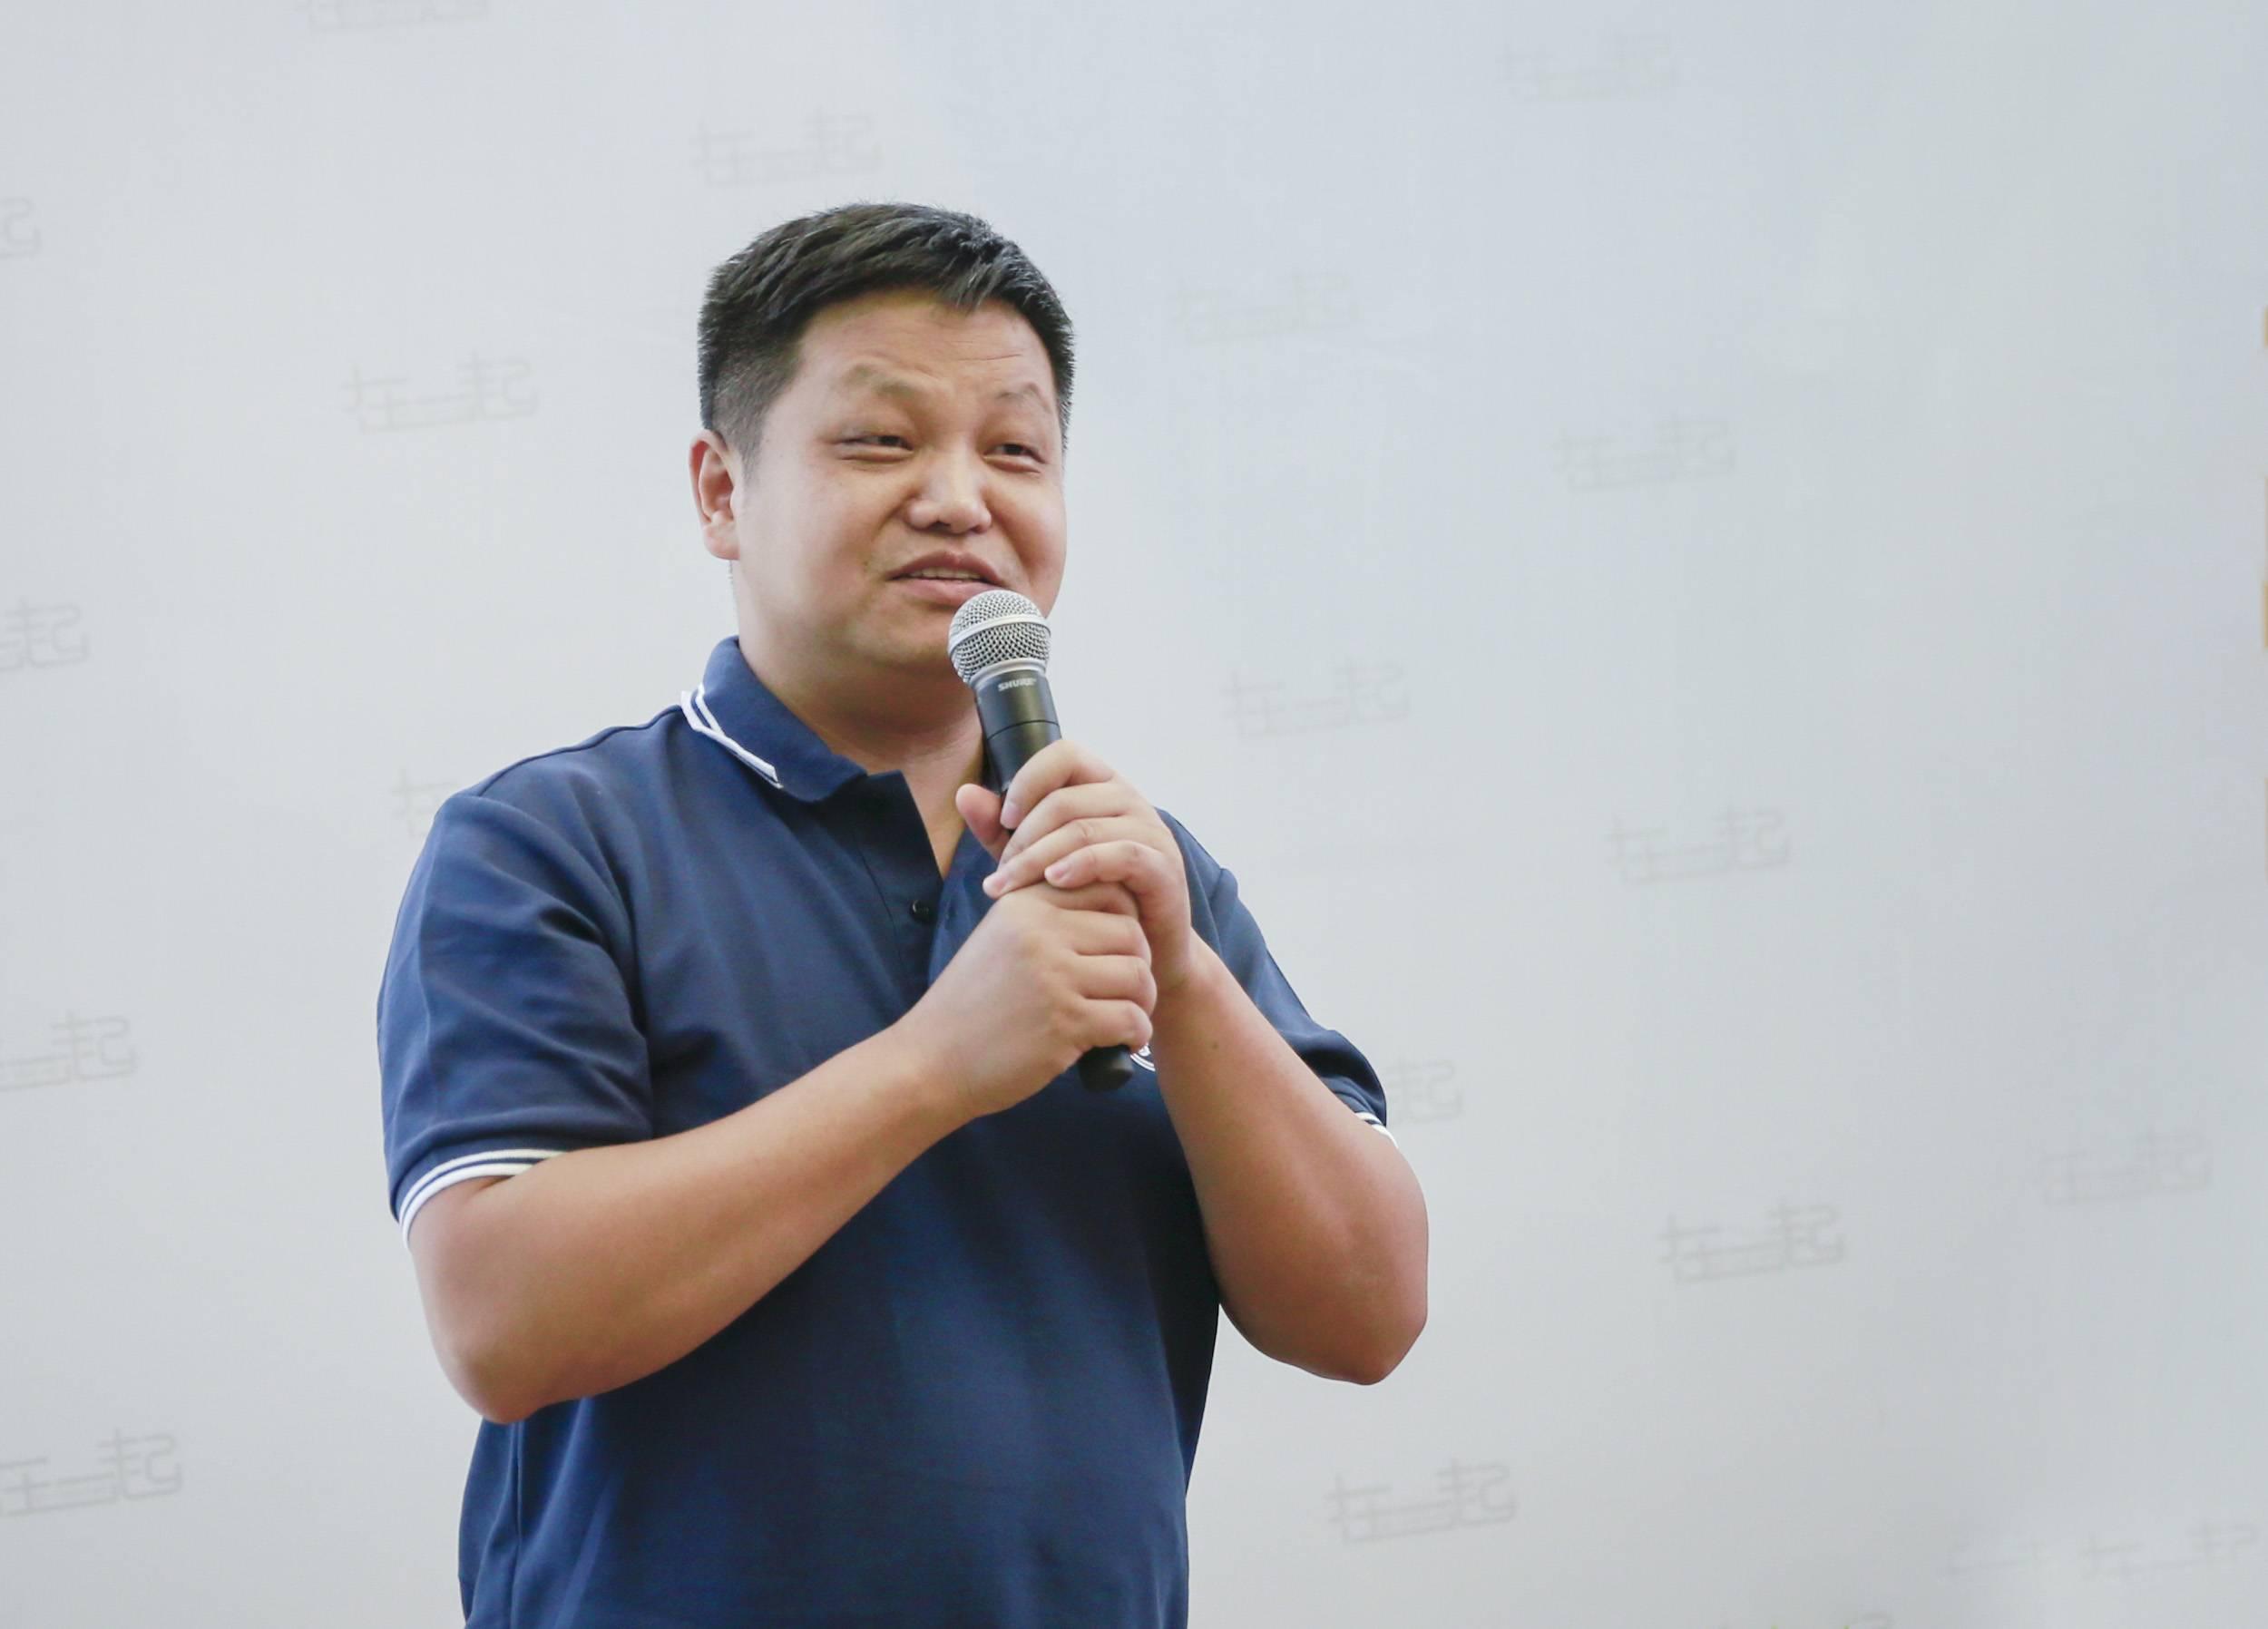 滴滴出行产品高级副总裁俞军